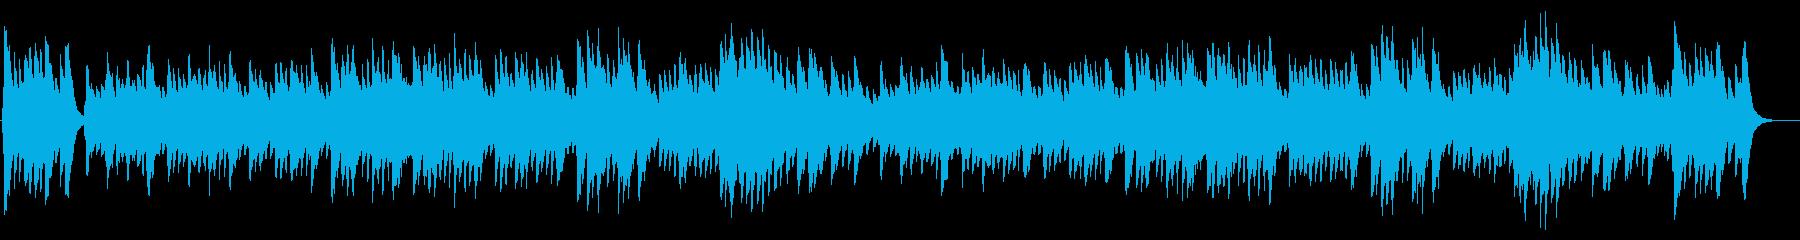 通りゃんせの再生済みの波形